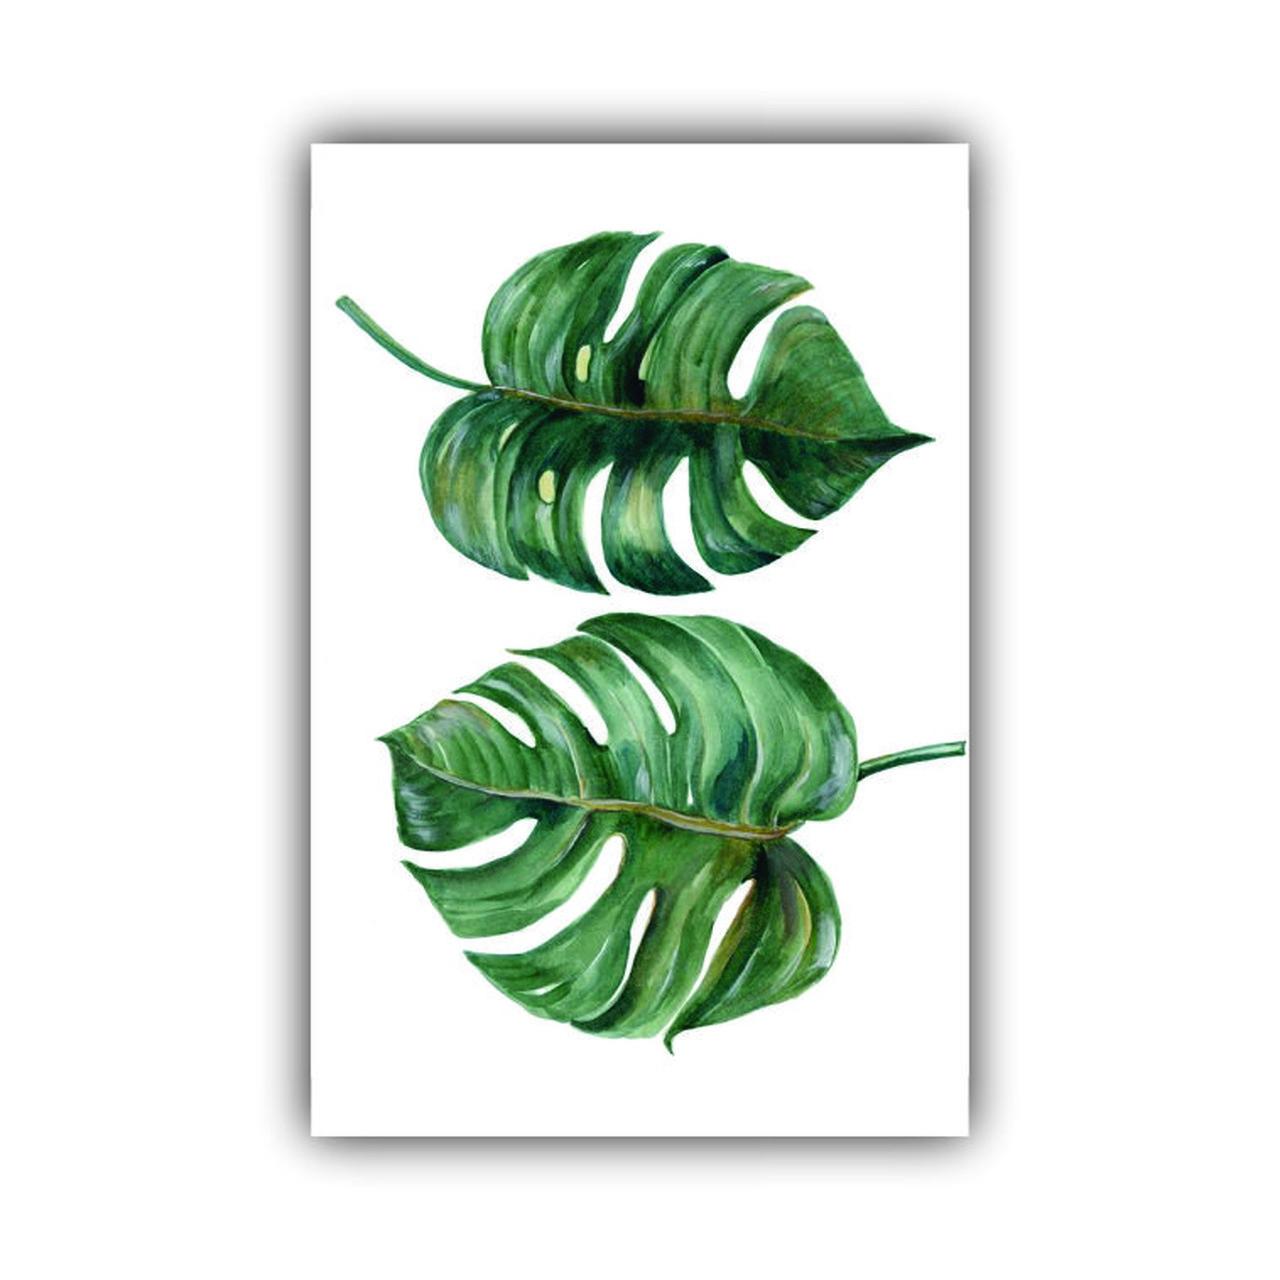 Quadro Decorativo Costela de Adão Green Impacto - Tela Única